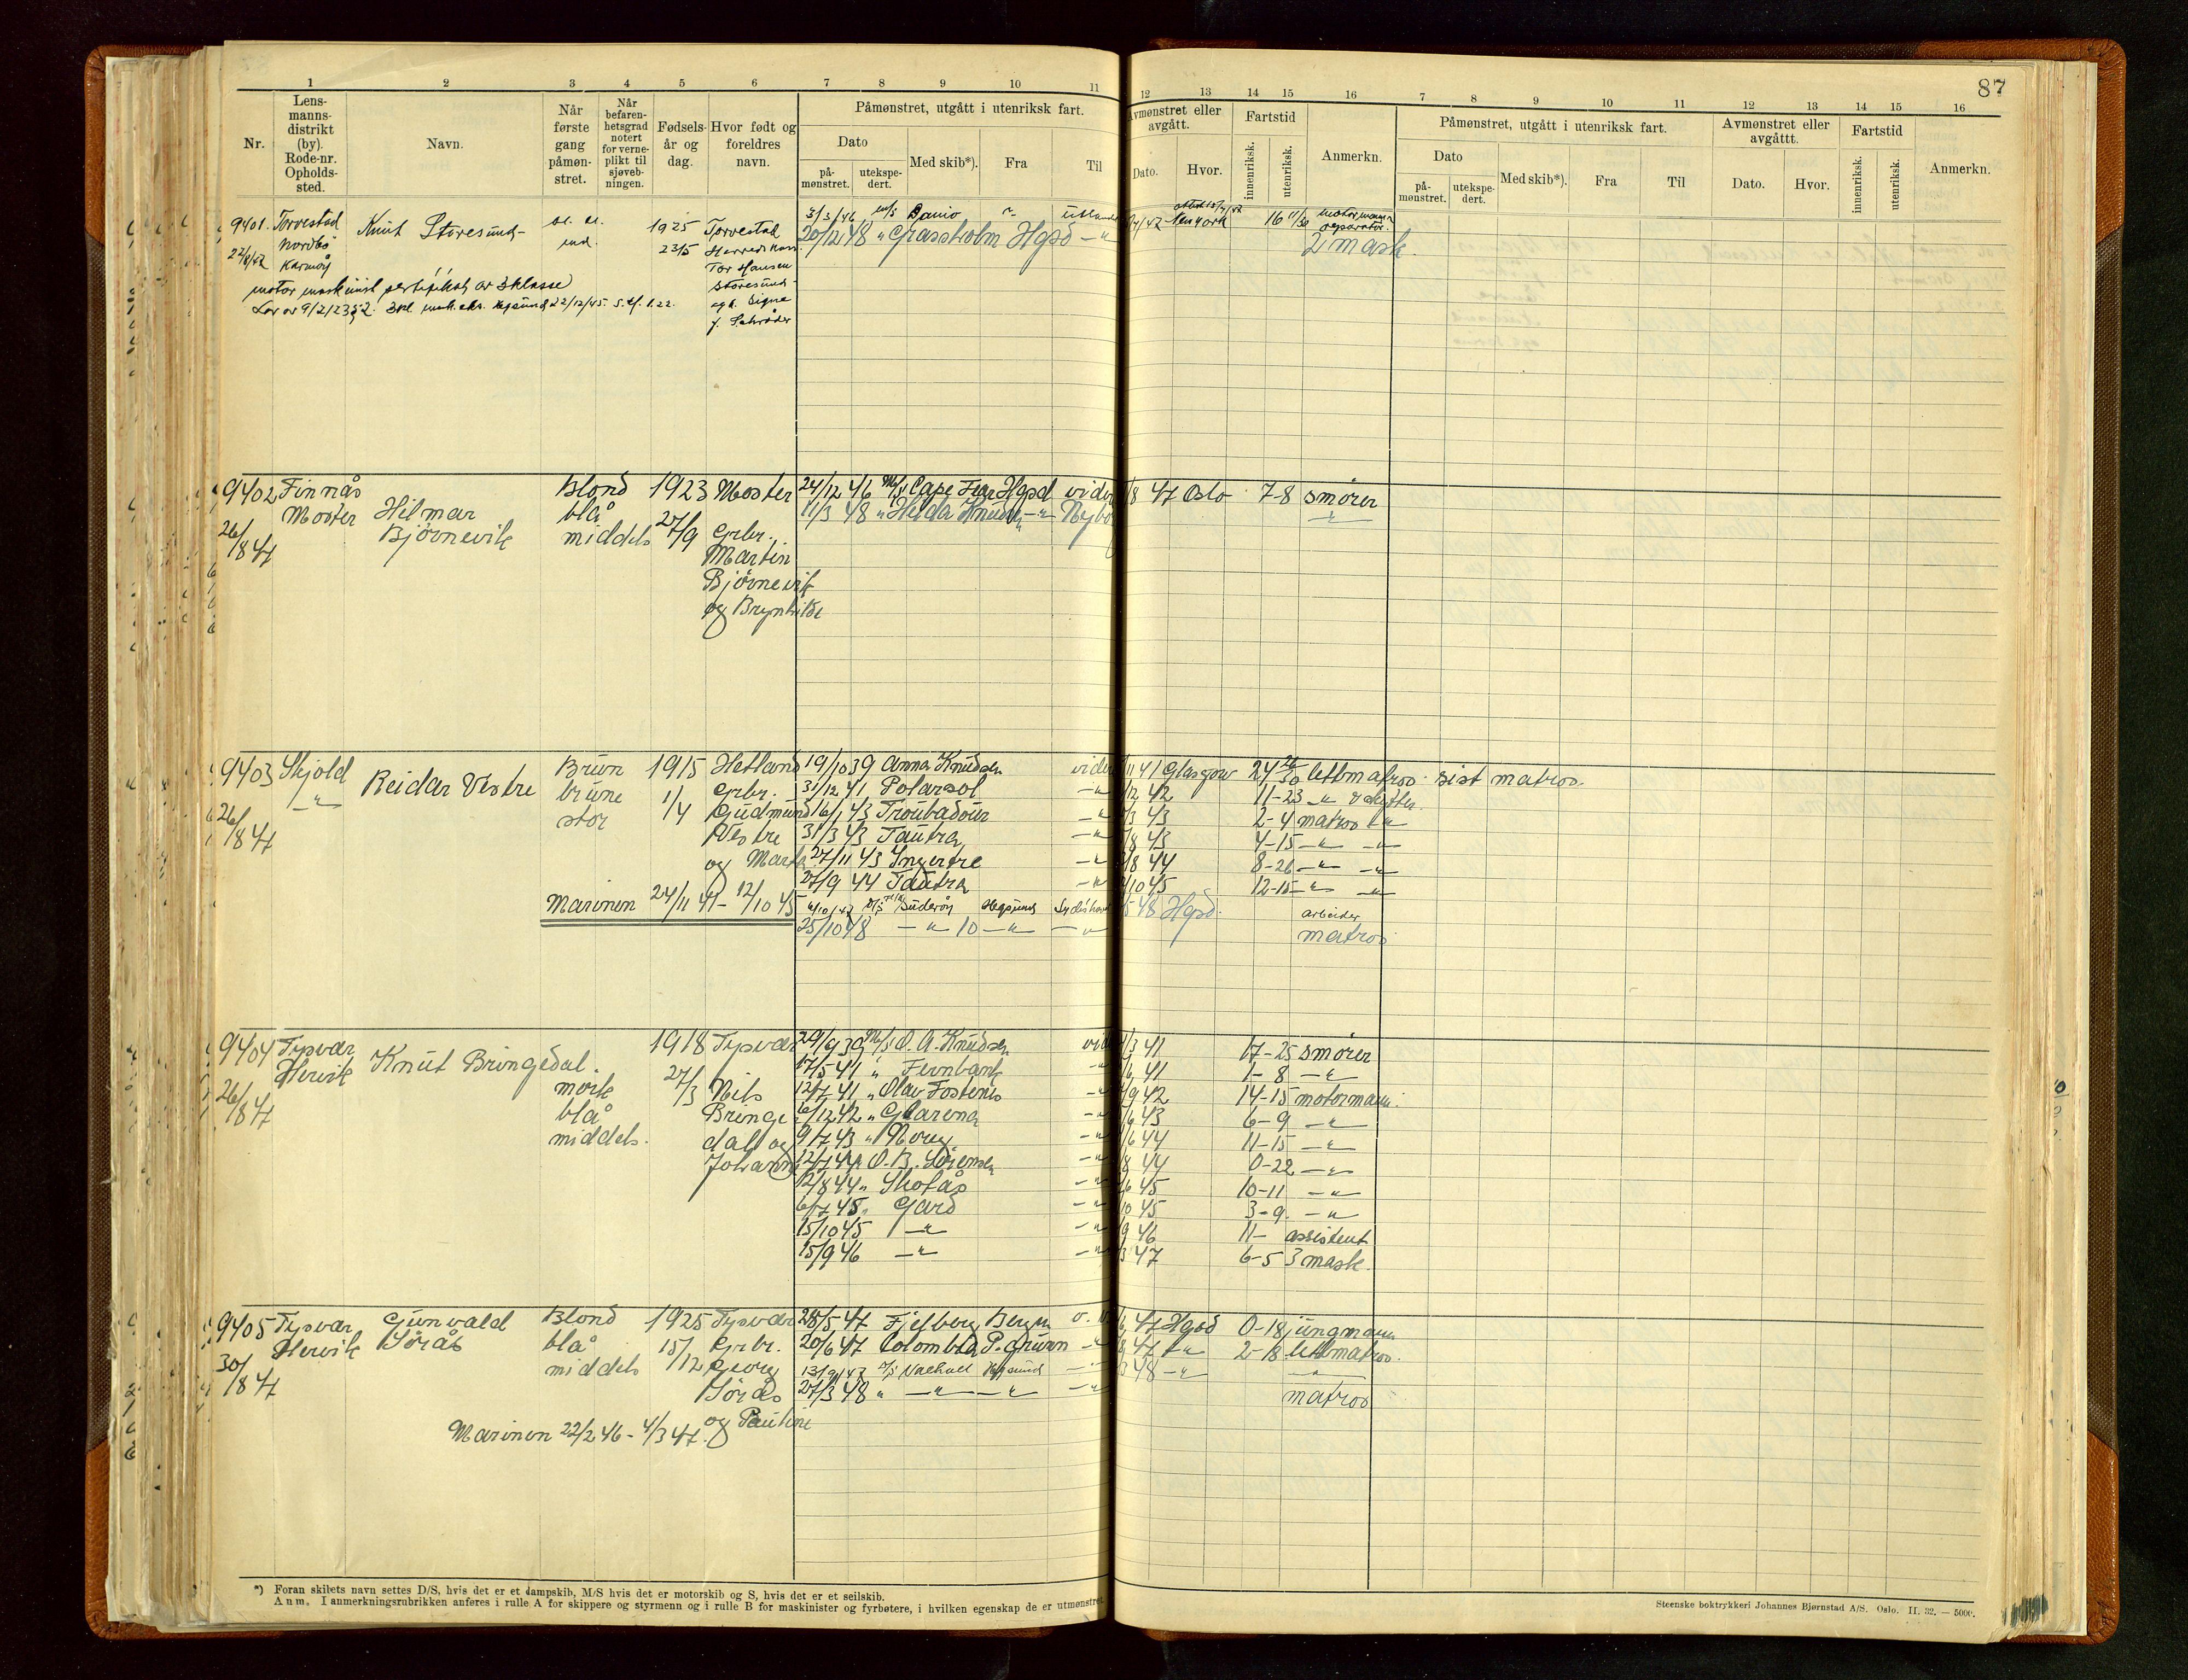 SAST, Haugesund sjømannskontor, F/Fb/Fbb/L0012: Sjøfartsrulle A Haugesund krets 2 nr. 8971-9629, 1868-1948, p. 87